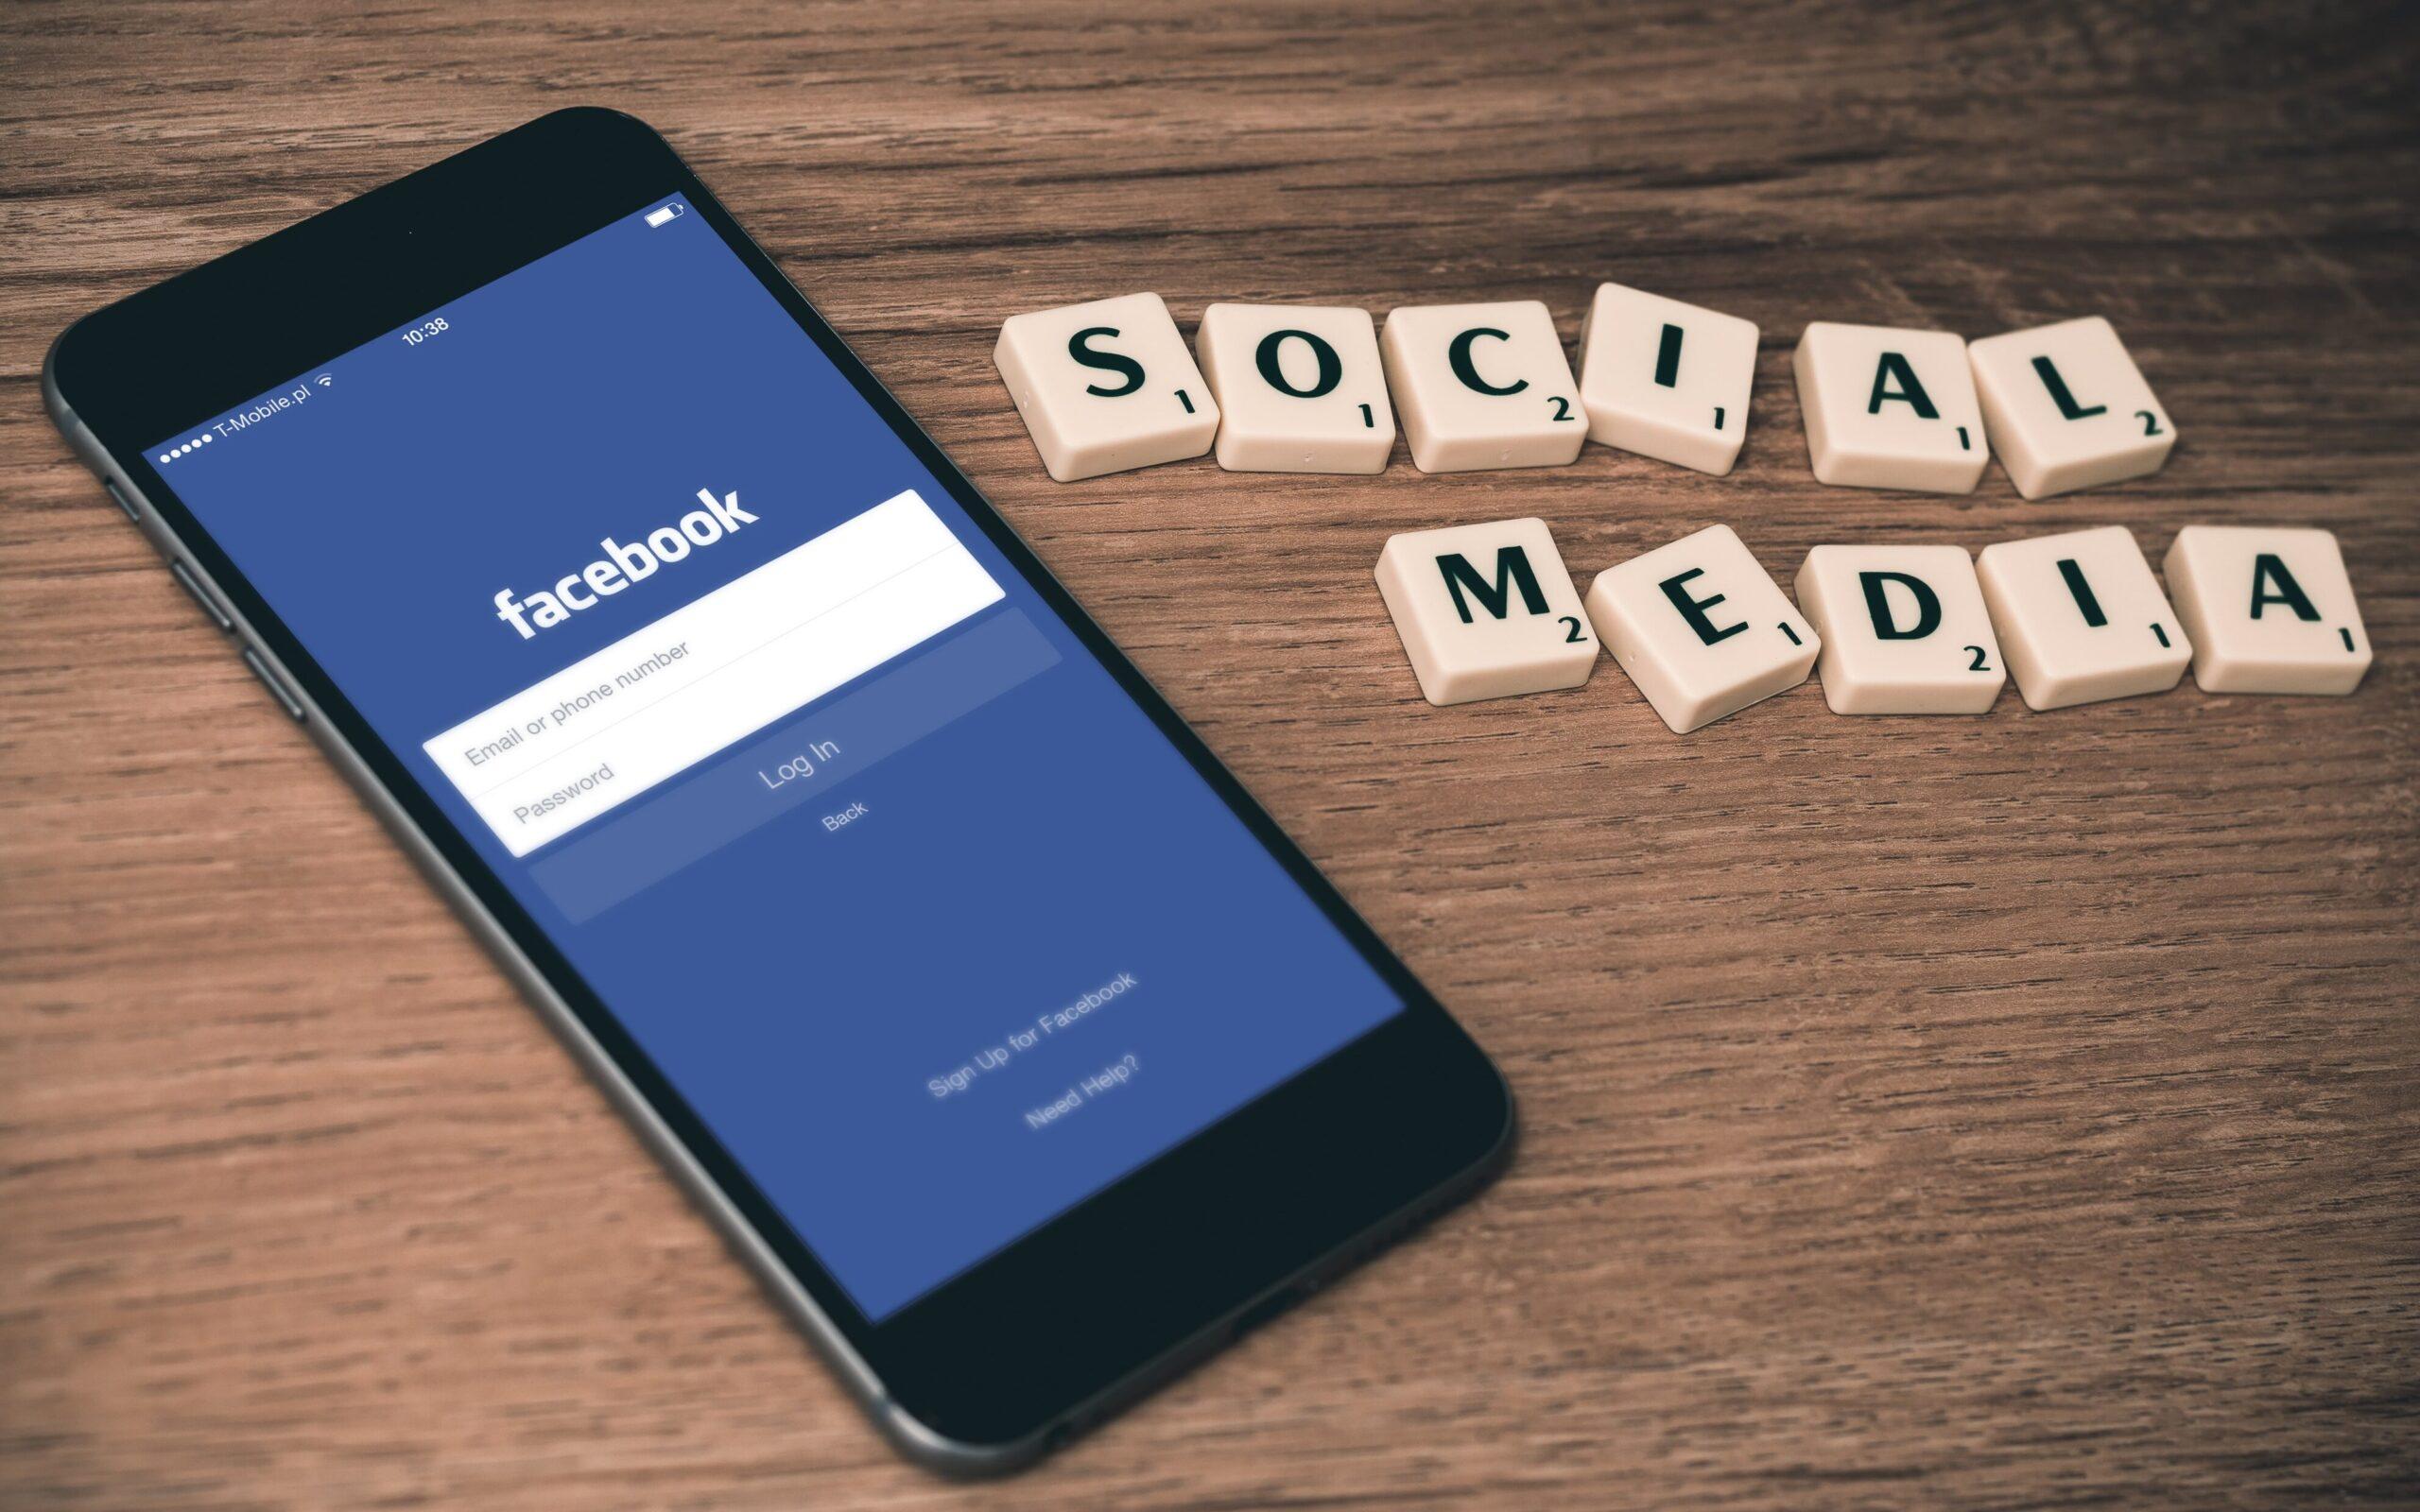 Find Real Estate Agents on Social Media